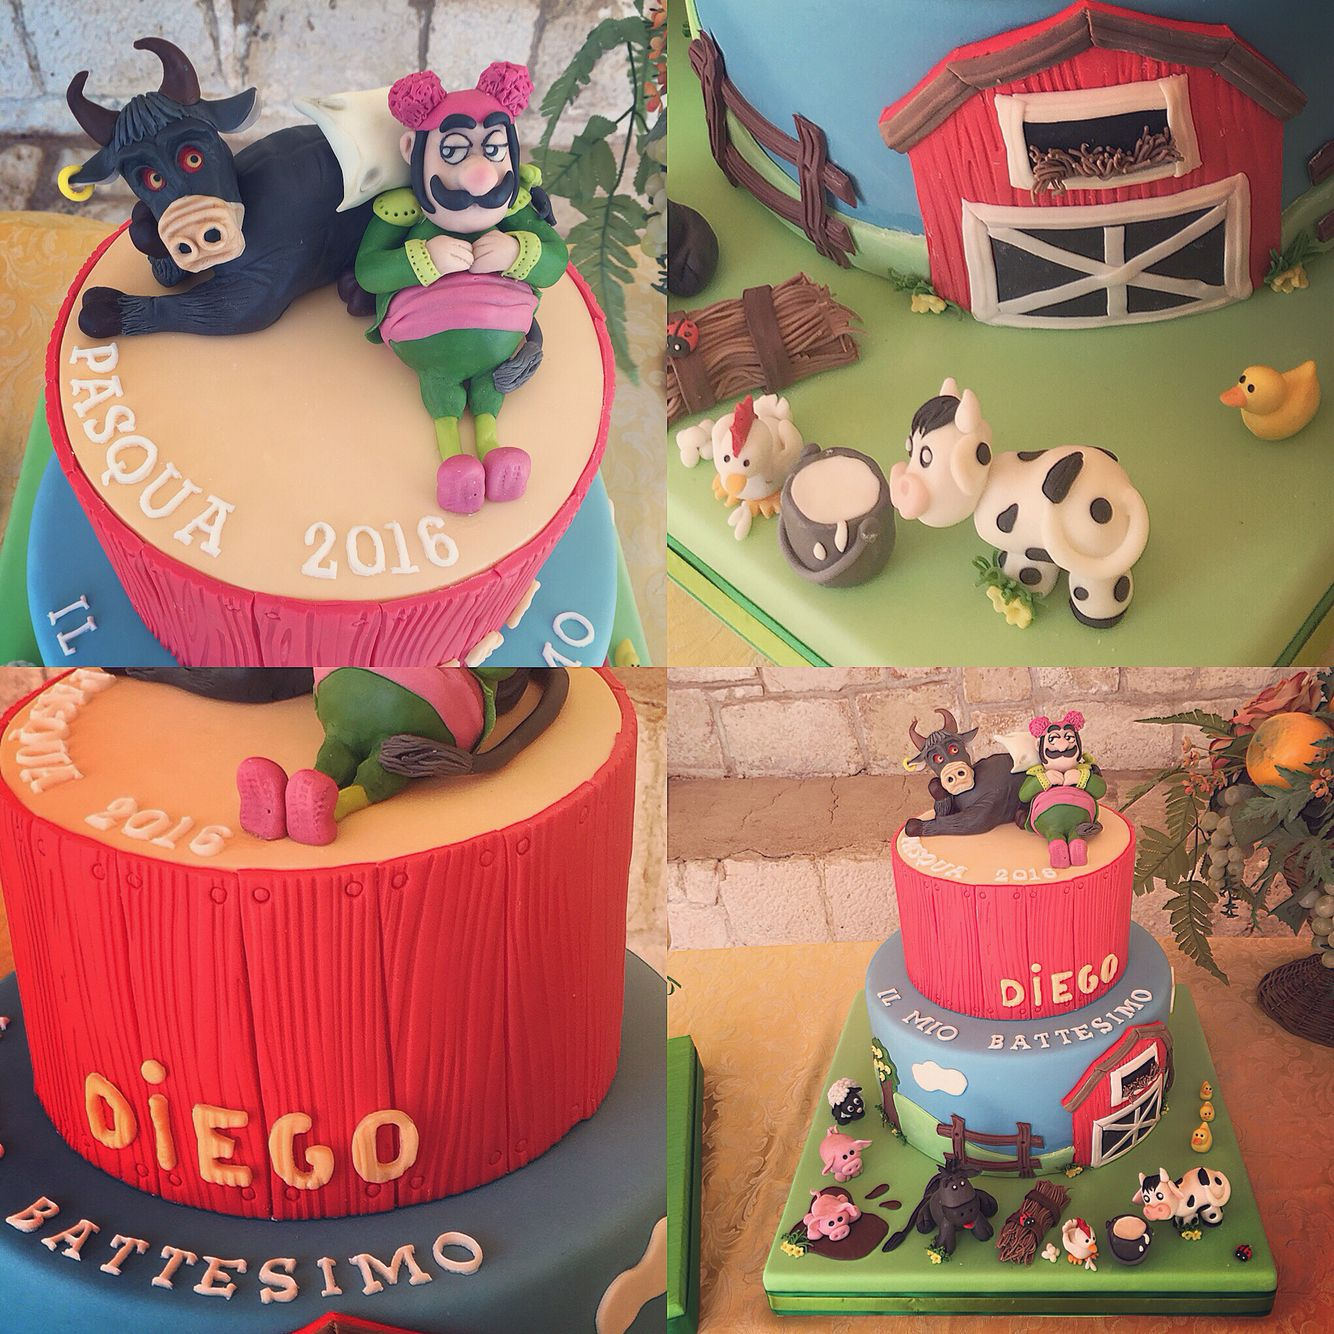 Le torte di fiorella facebook